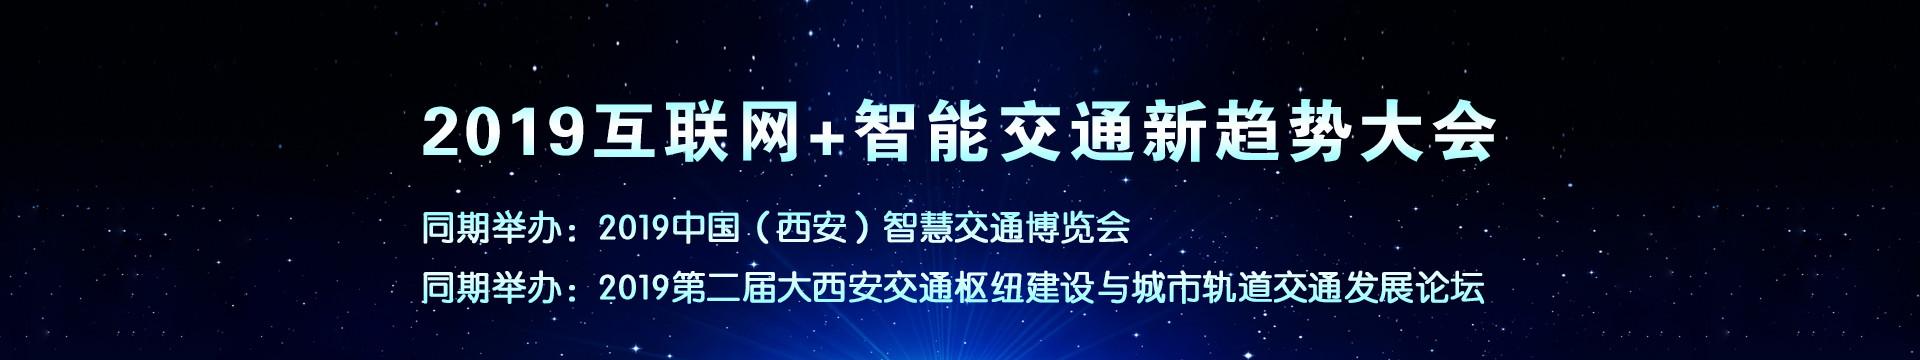 2019互联网+智能交通新趋势大会(西安)